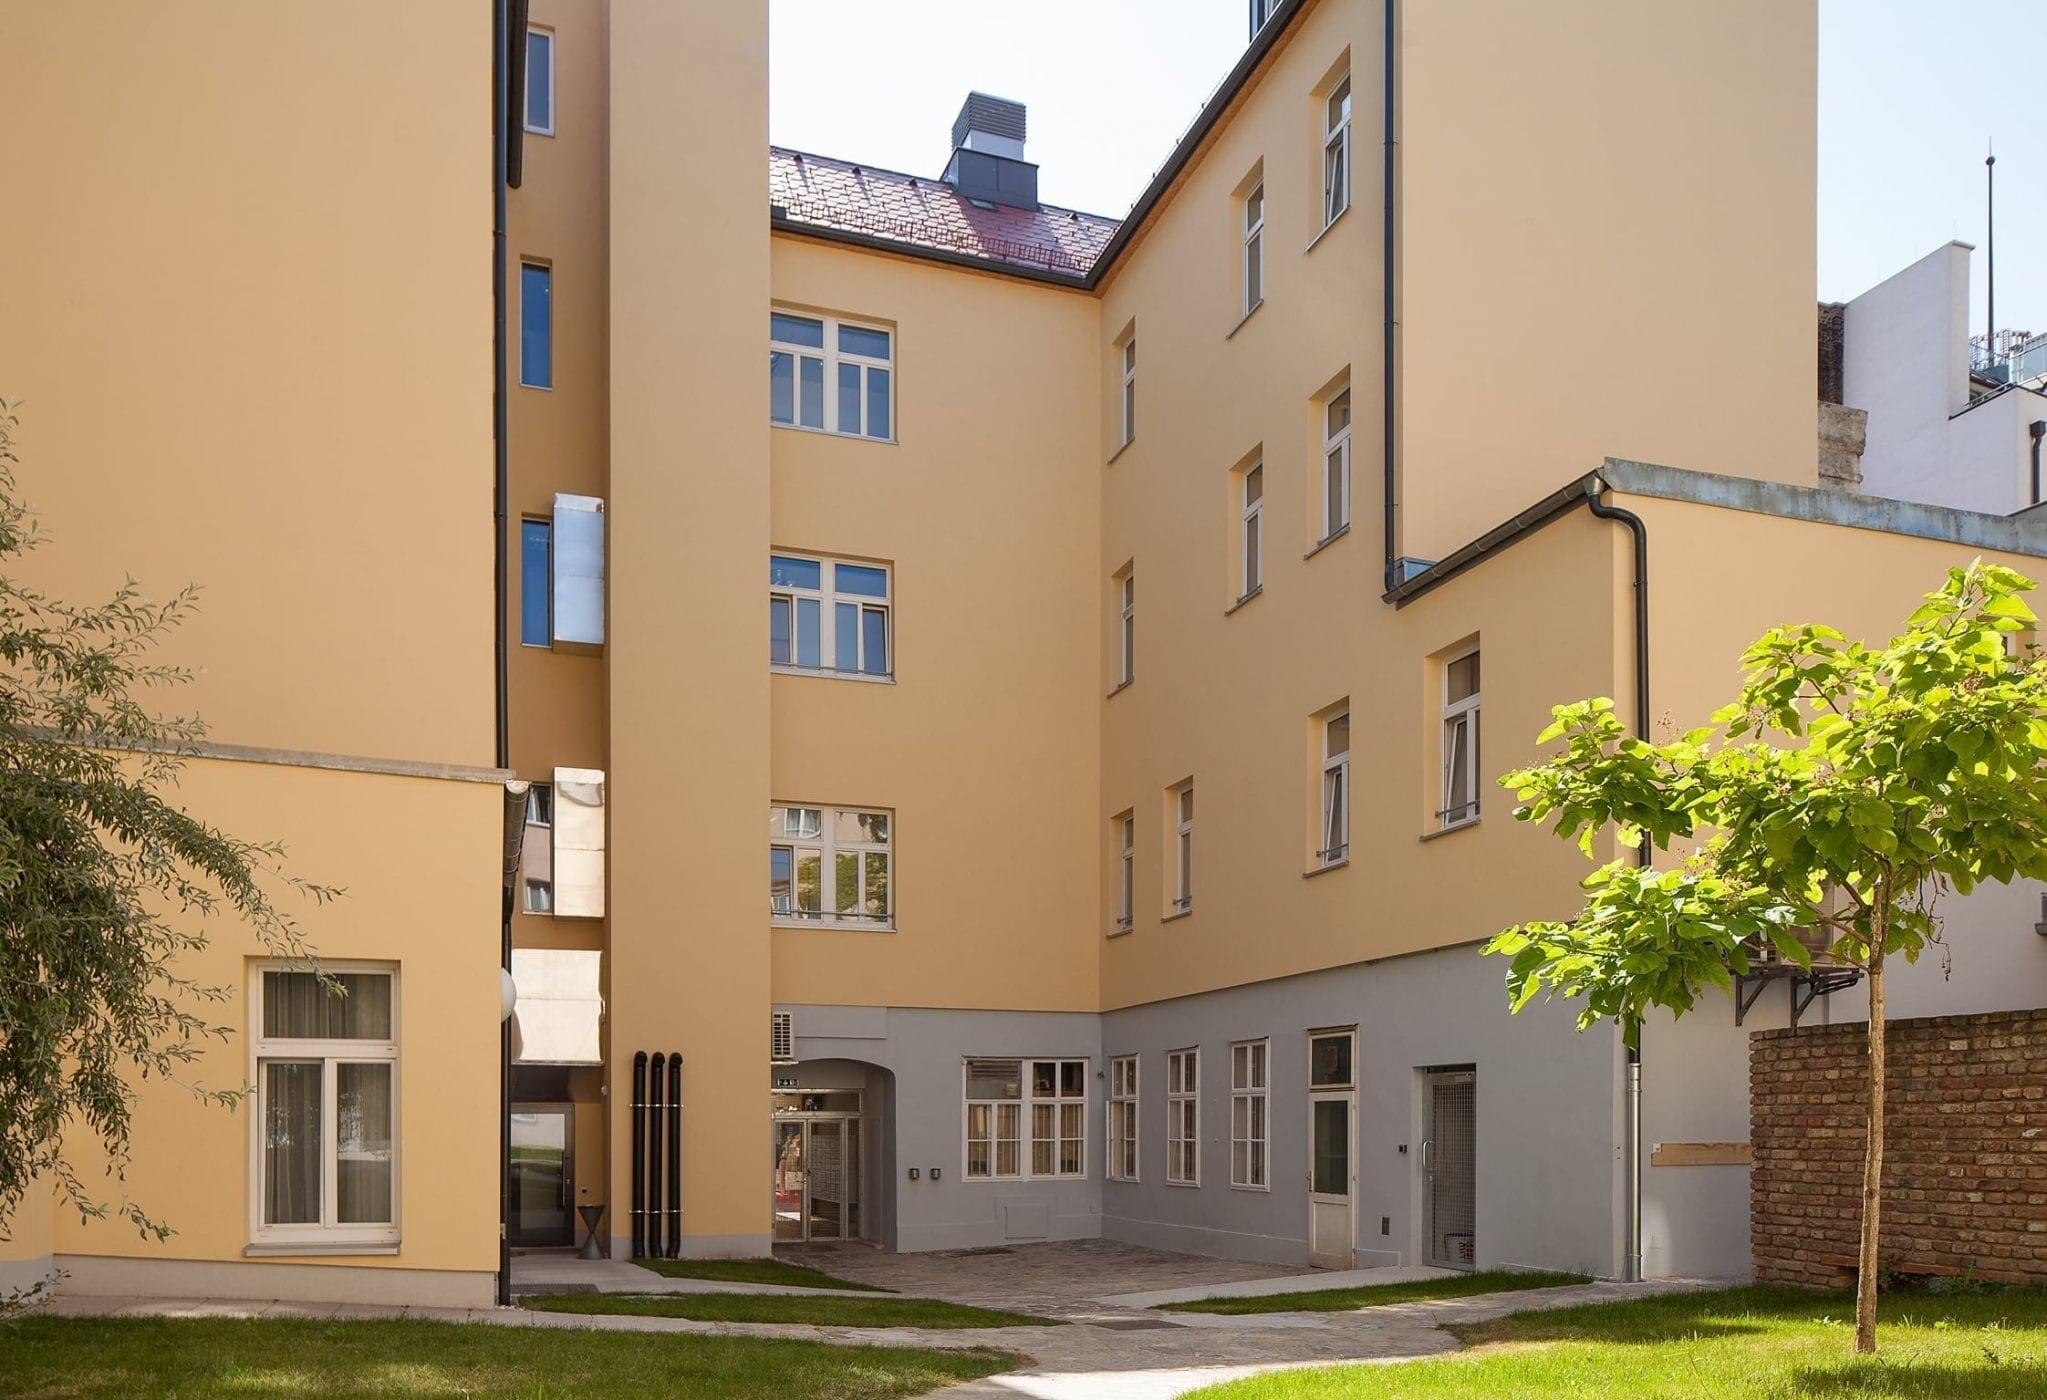 Innenhof und Gebäude